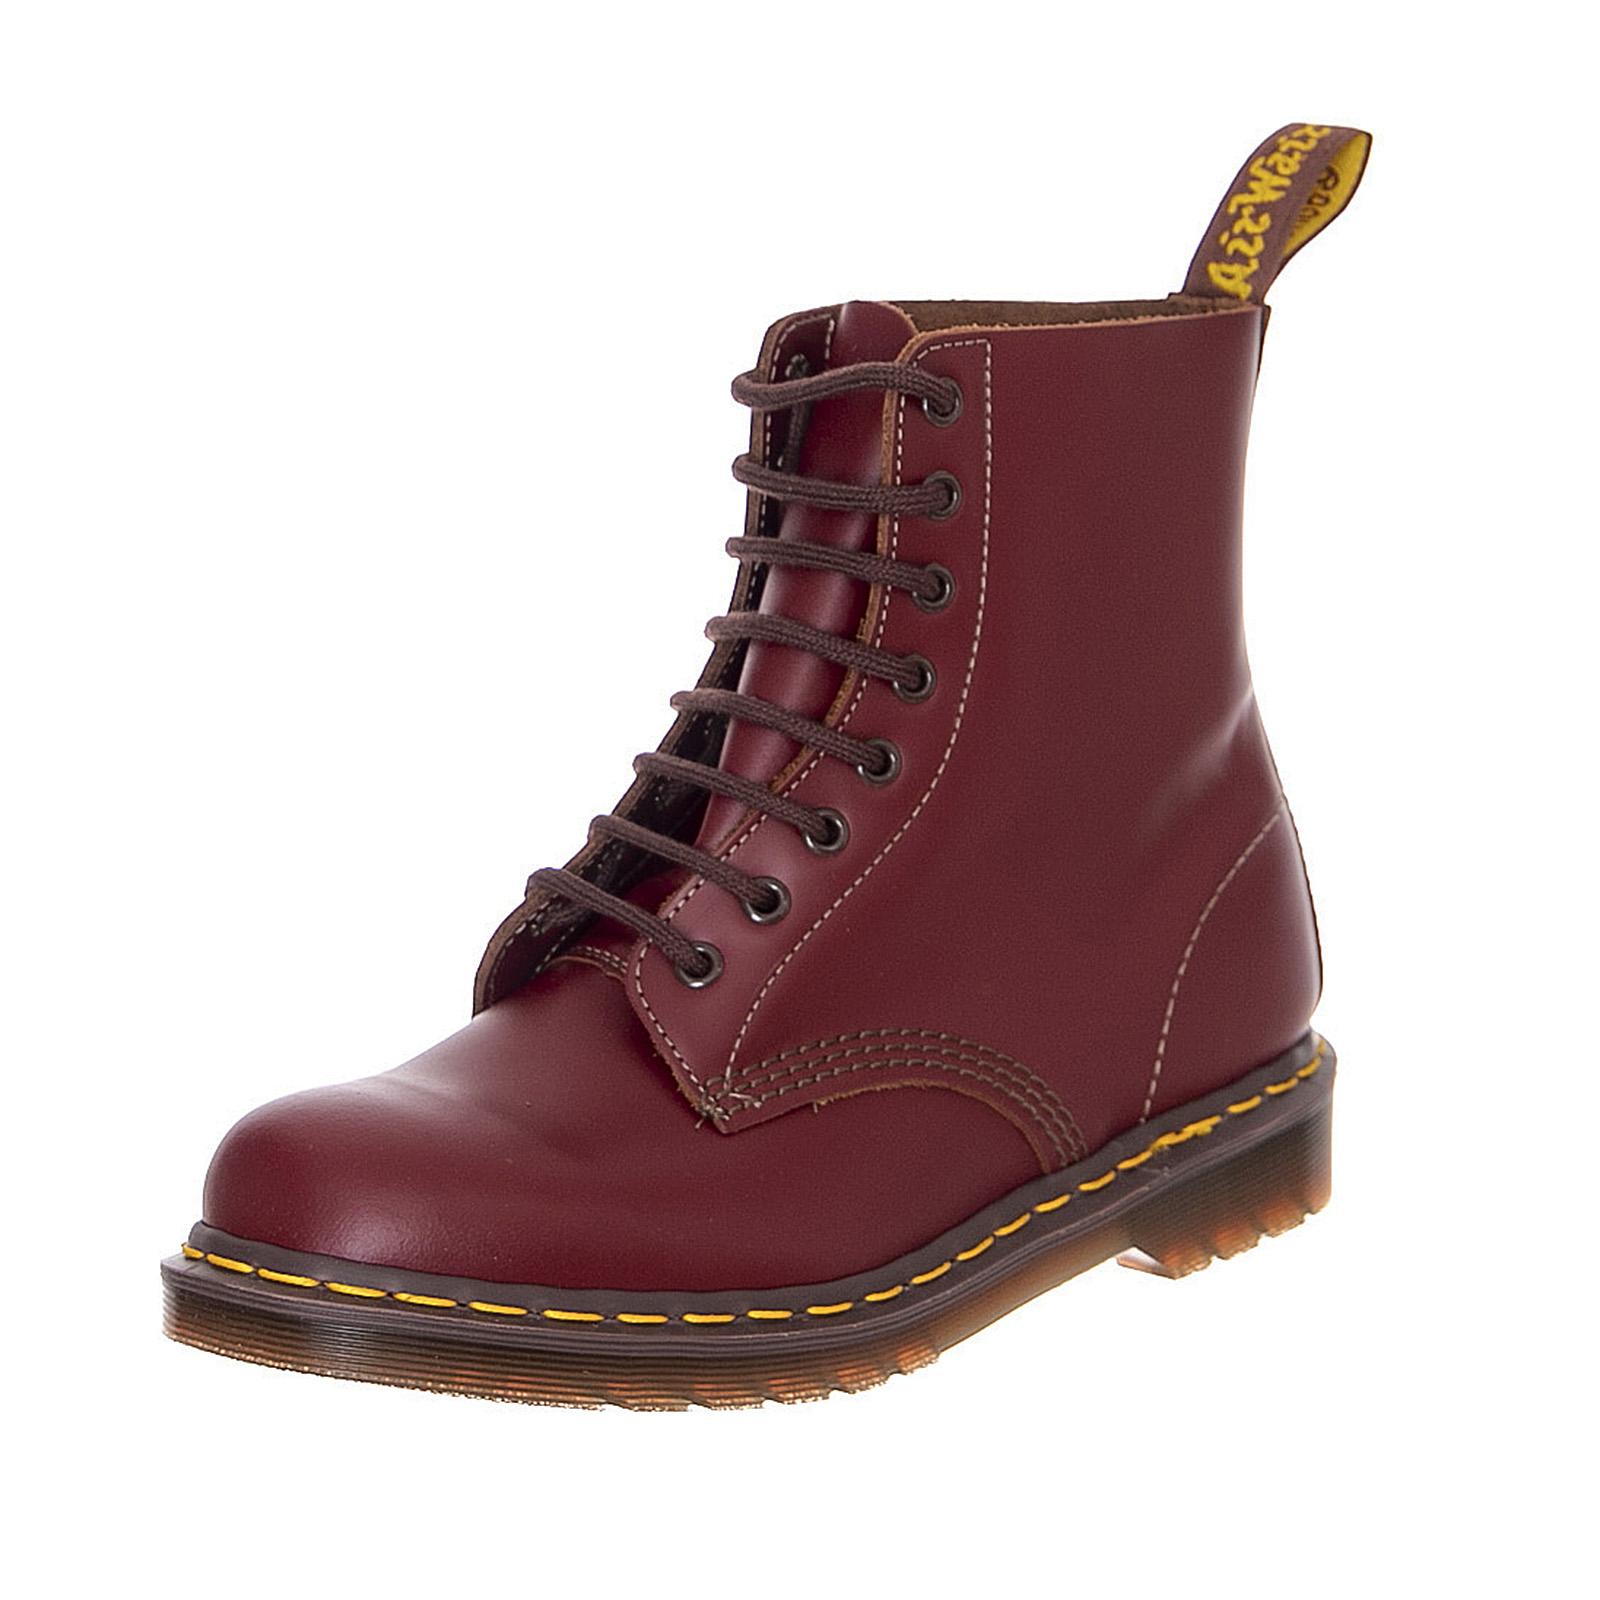 Details about Dr.Martens 1460 Vintage Oxblood Quilon Combat Boots Man Burgundy